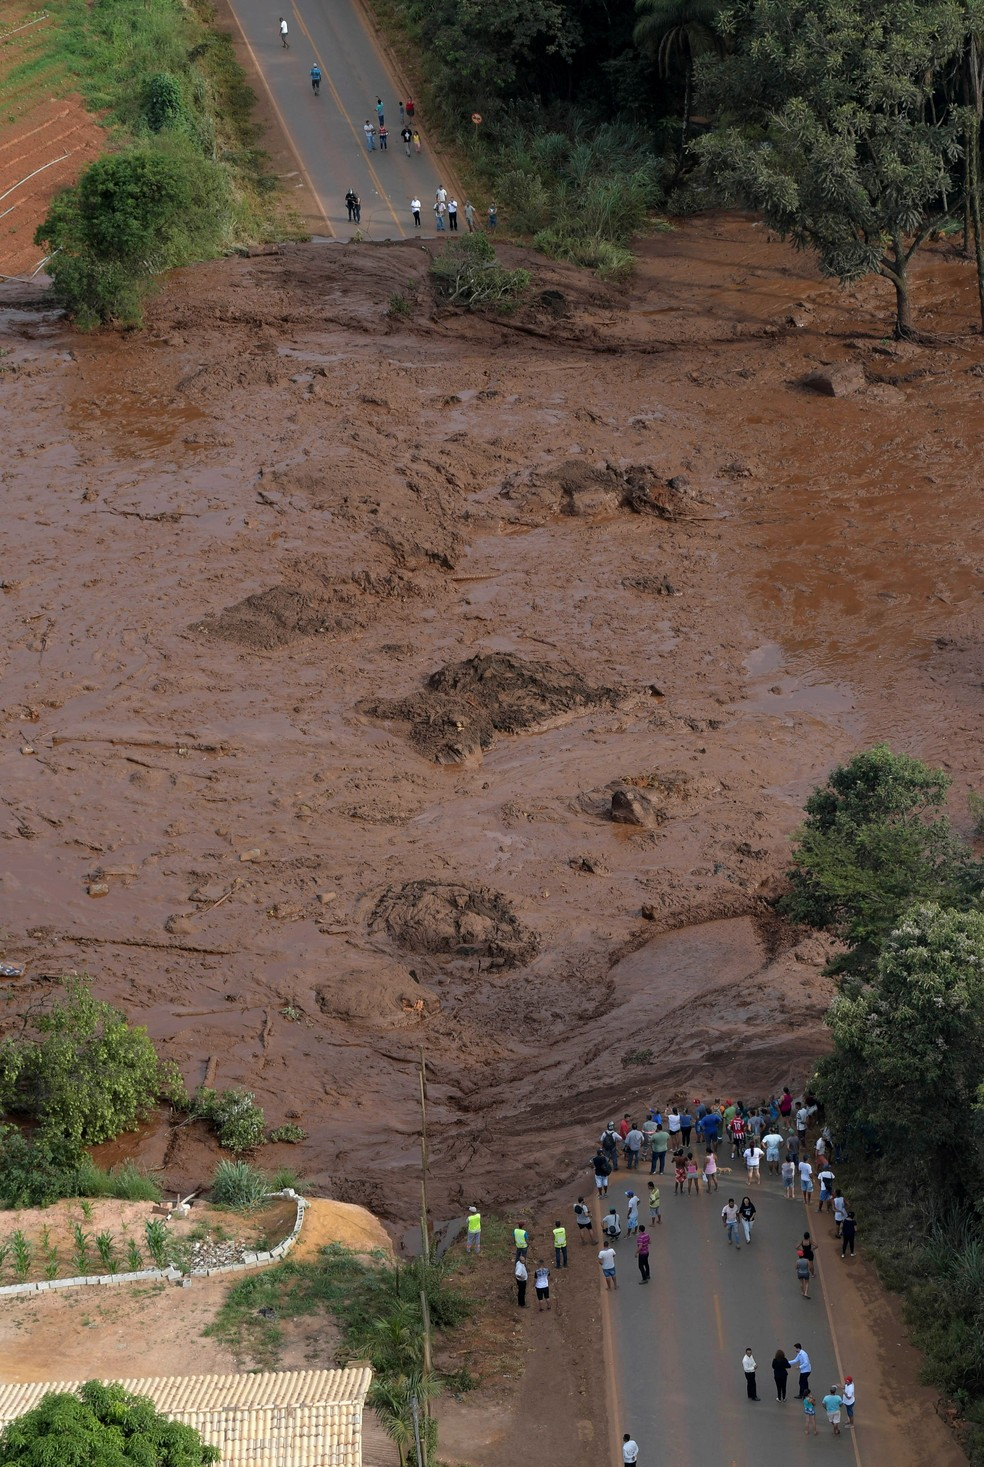 Moradores perto da lama que vazou da barragem em Brumadinho — Foto: Reuters/Washington Alves